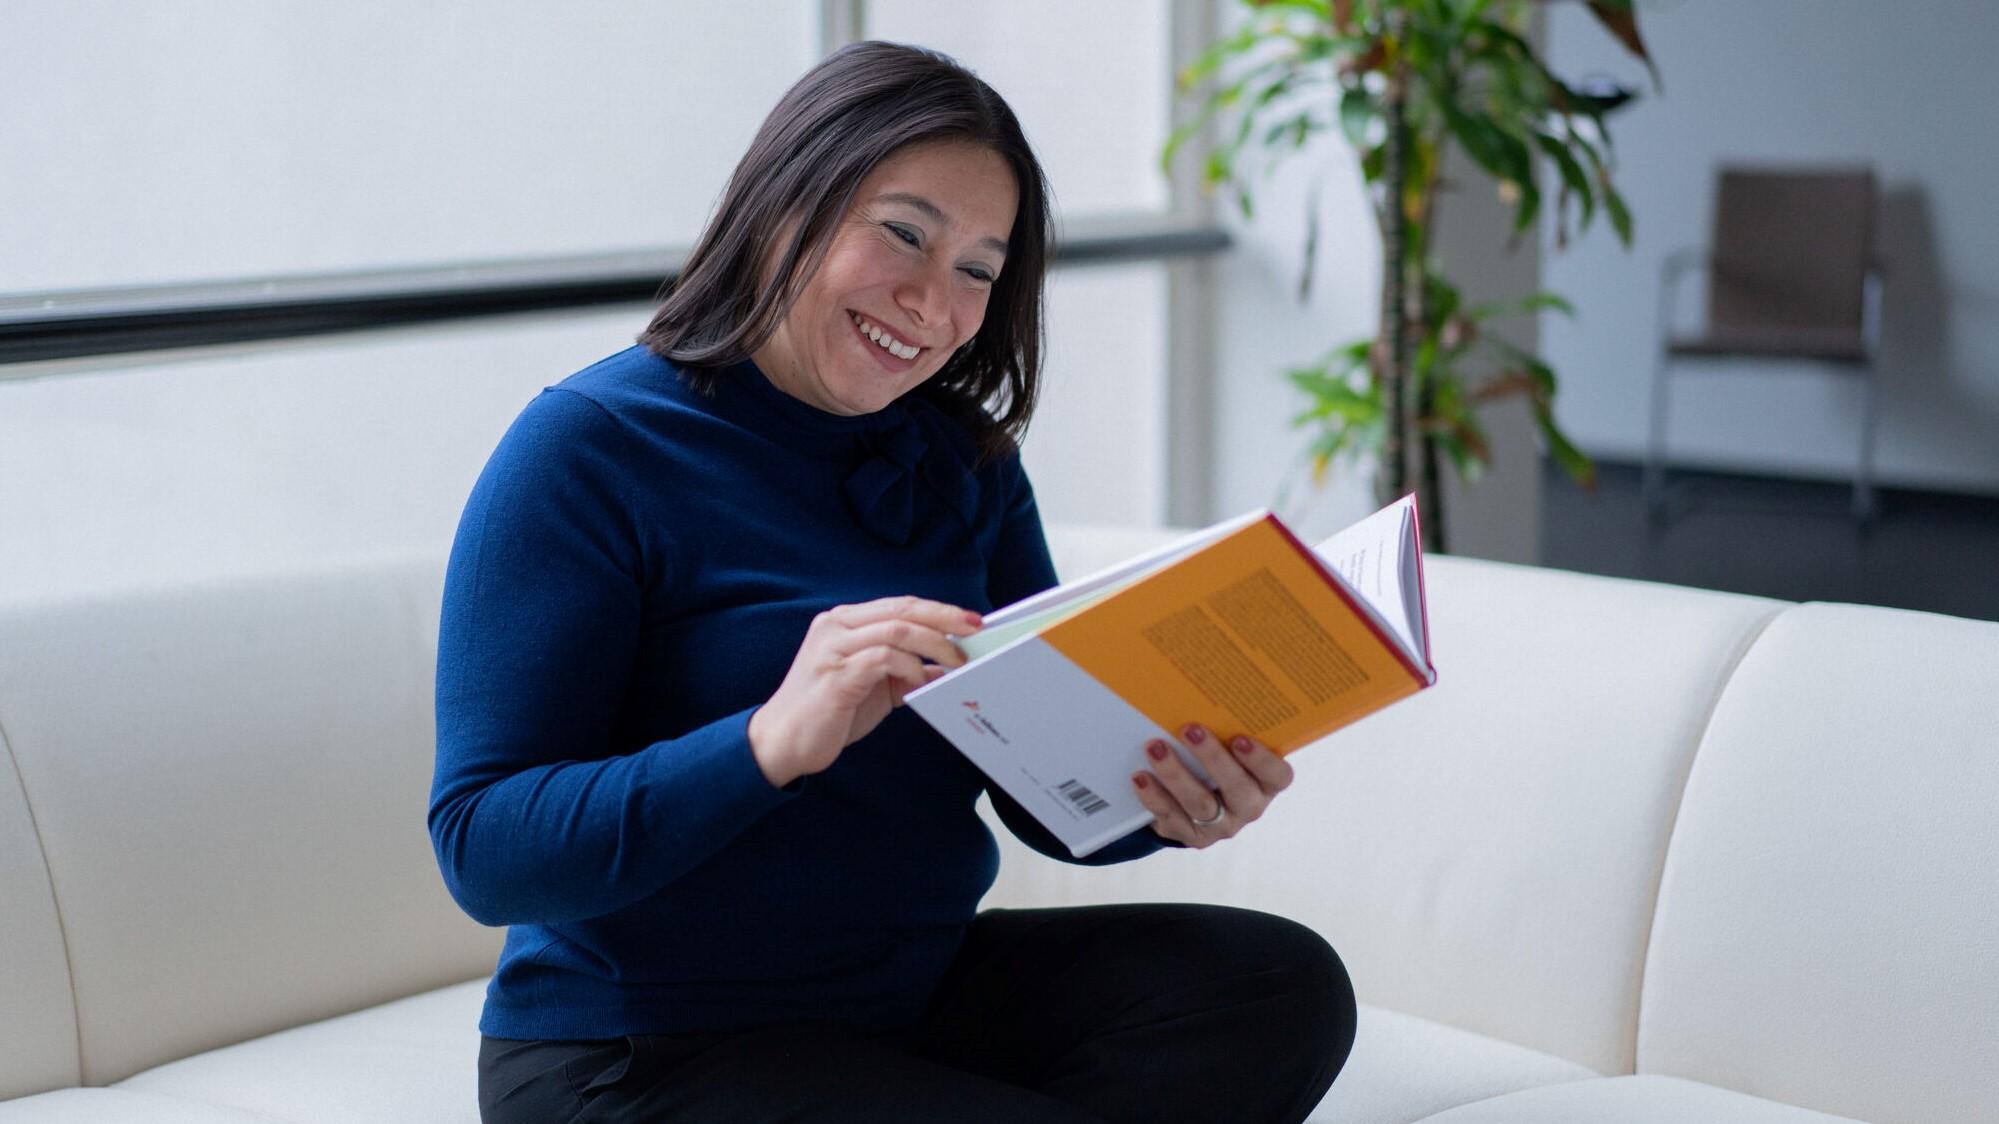 Rebeca Valdés, Executive MBA Class of 2021